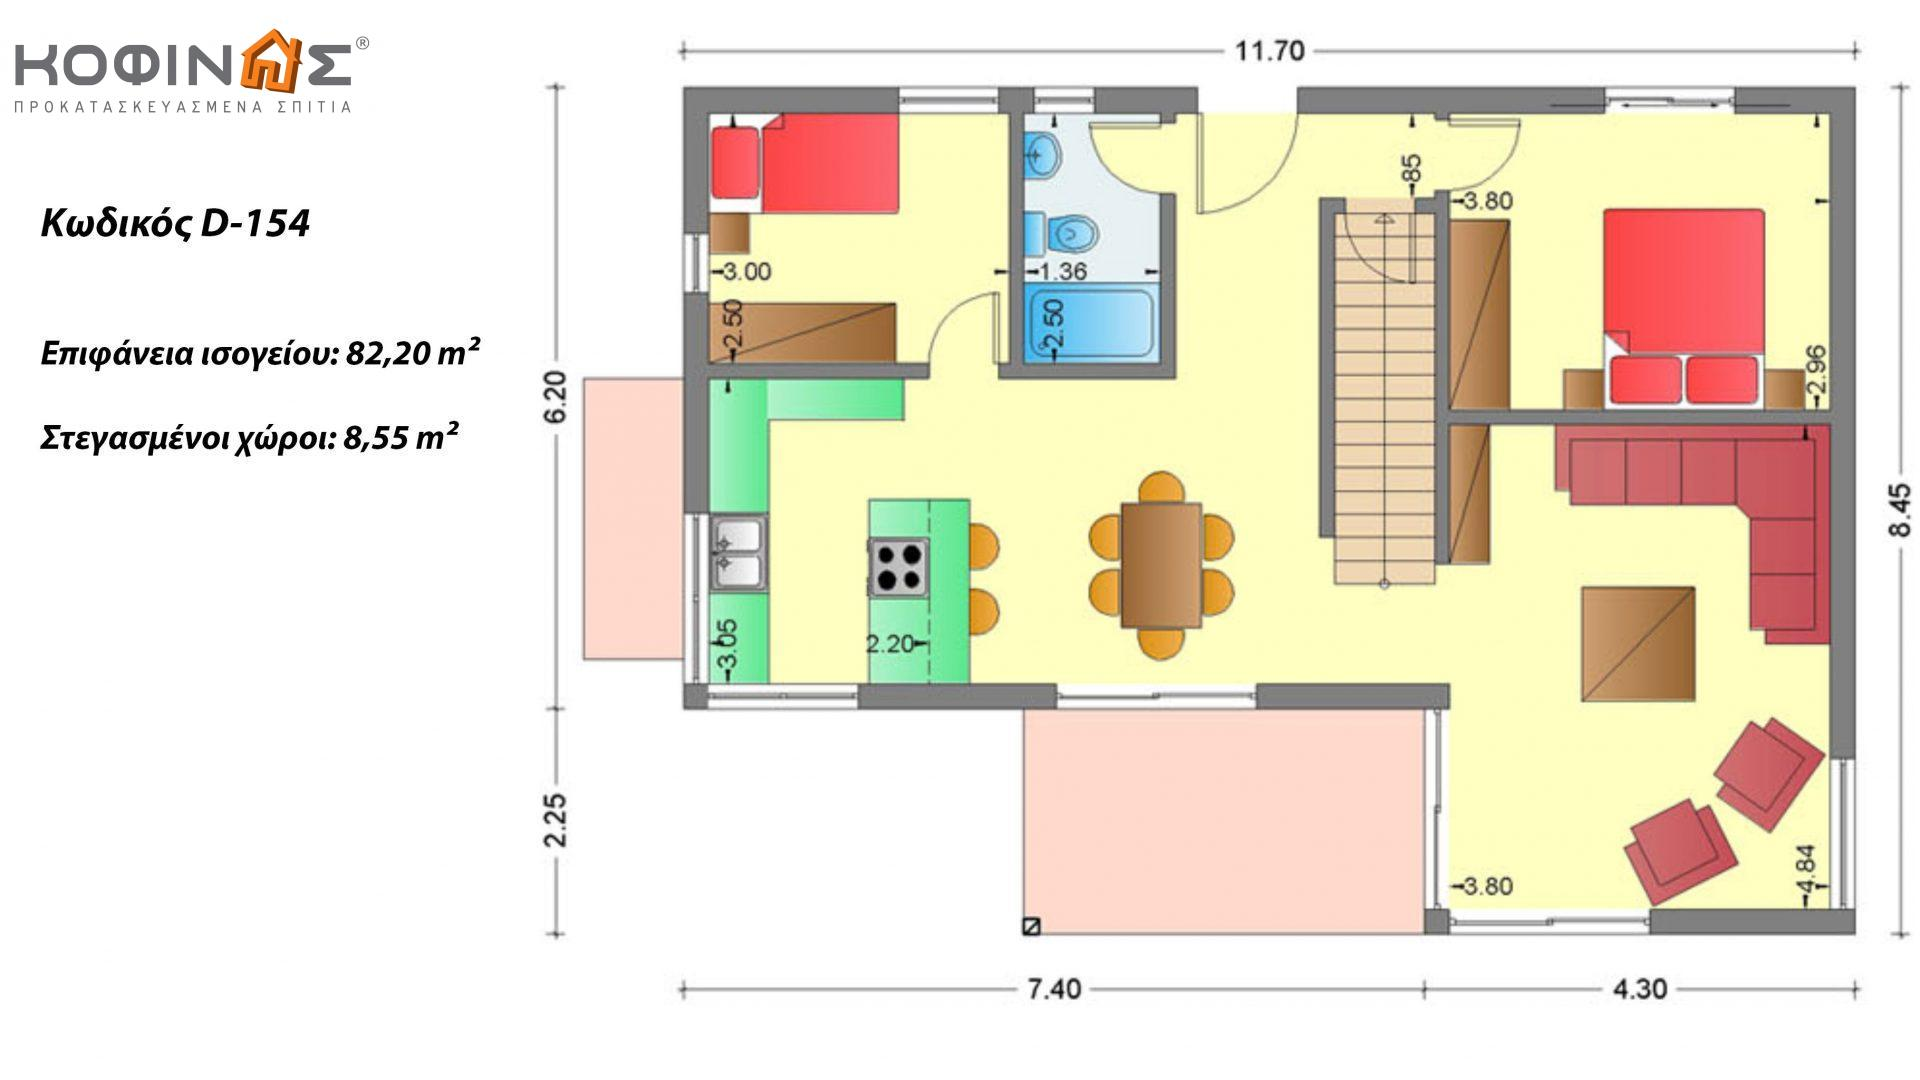 Διώροφη Κατοικία D-154, συνολικής επιφάνειας 154,70 τ.μ., συνολική επιφάνεια στεγασμένων χώρων 18.15 τ.μ., μπαλκόνι 2.80 τ.μ.